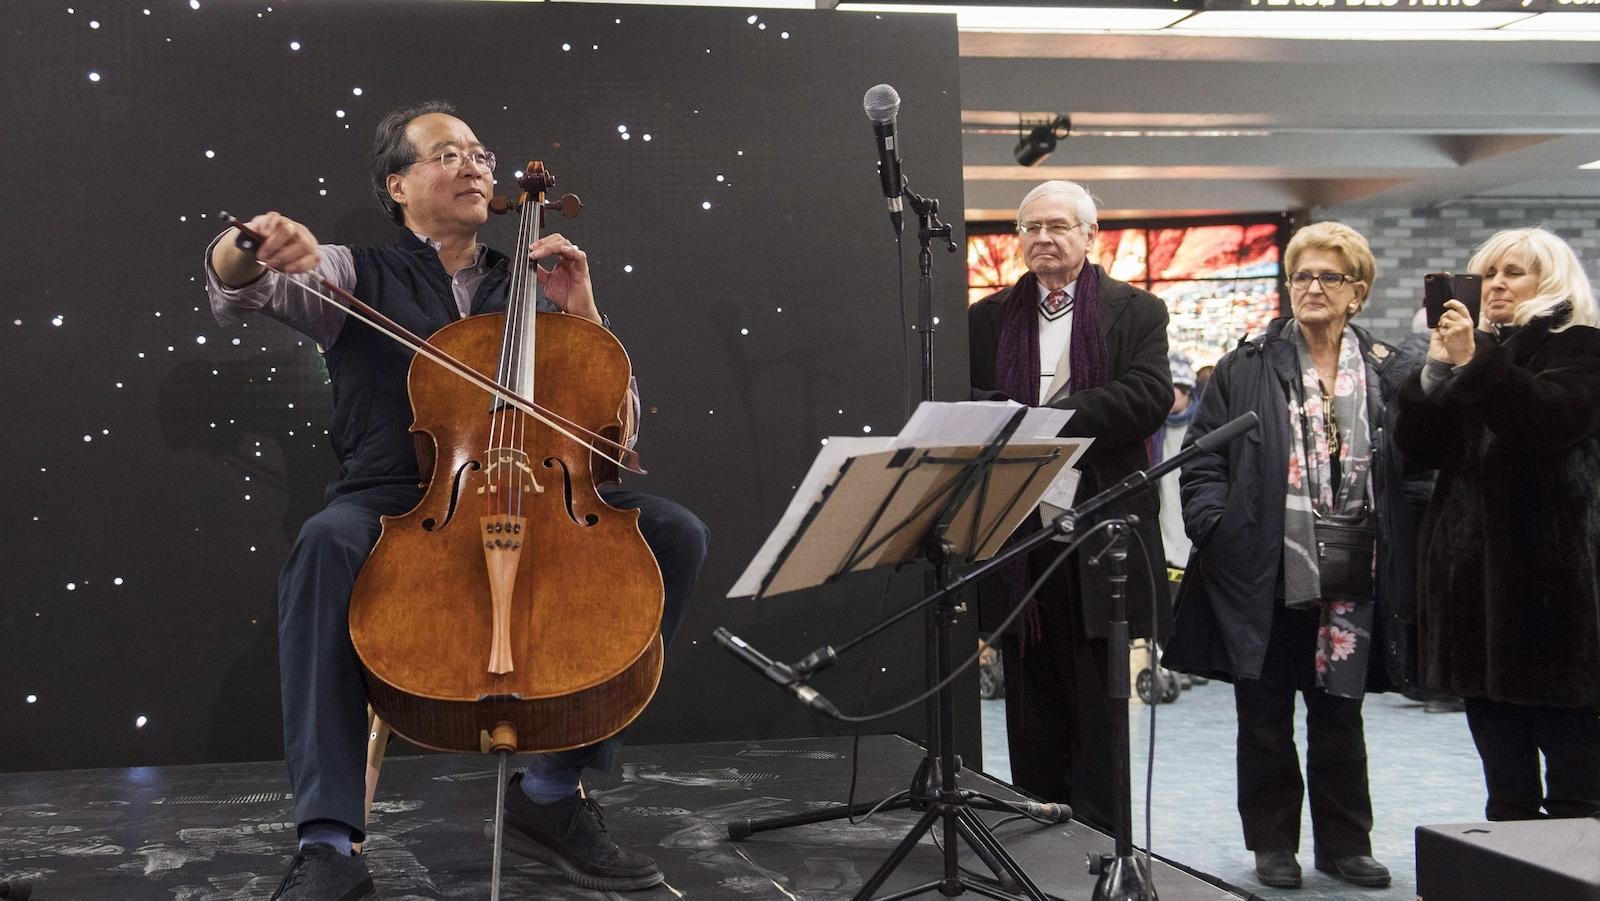 Yo-Yo Ma joue du violoncelle dans une station de métro.